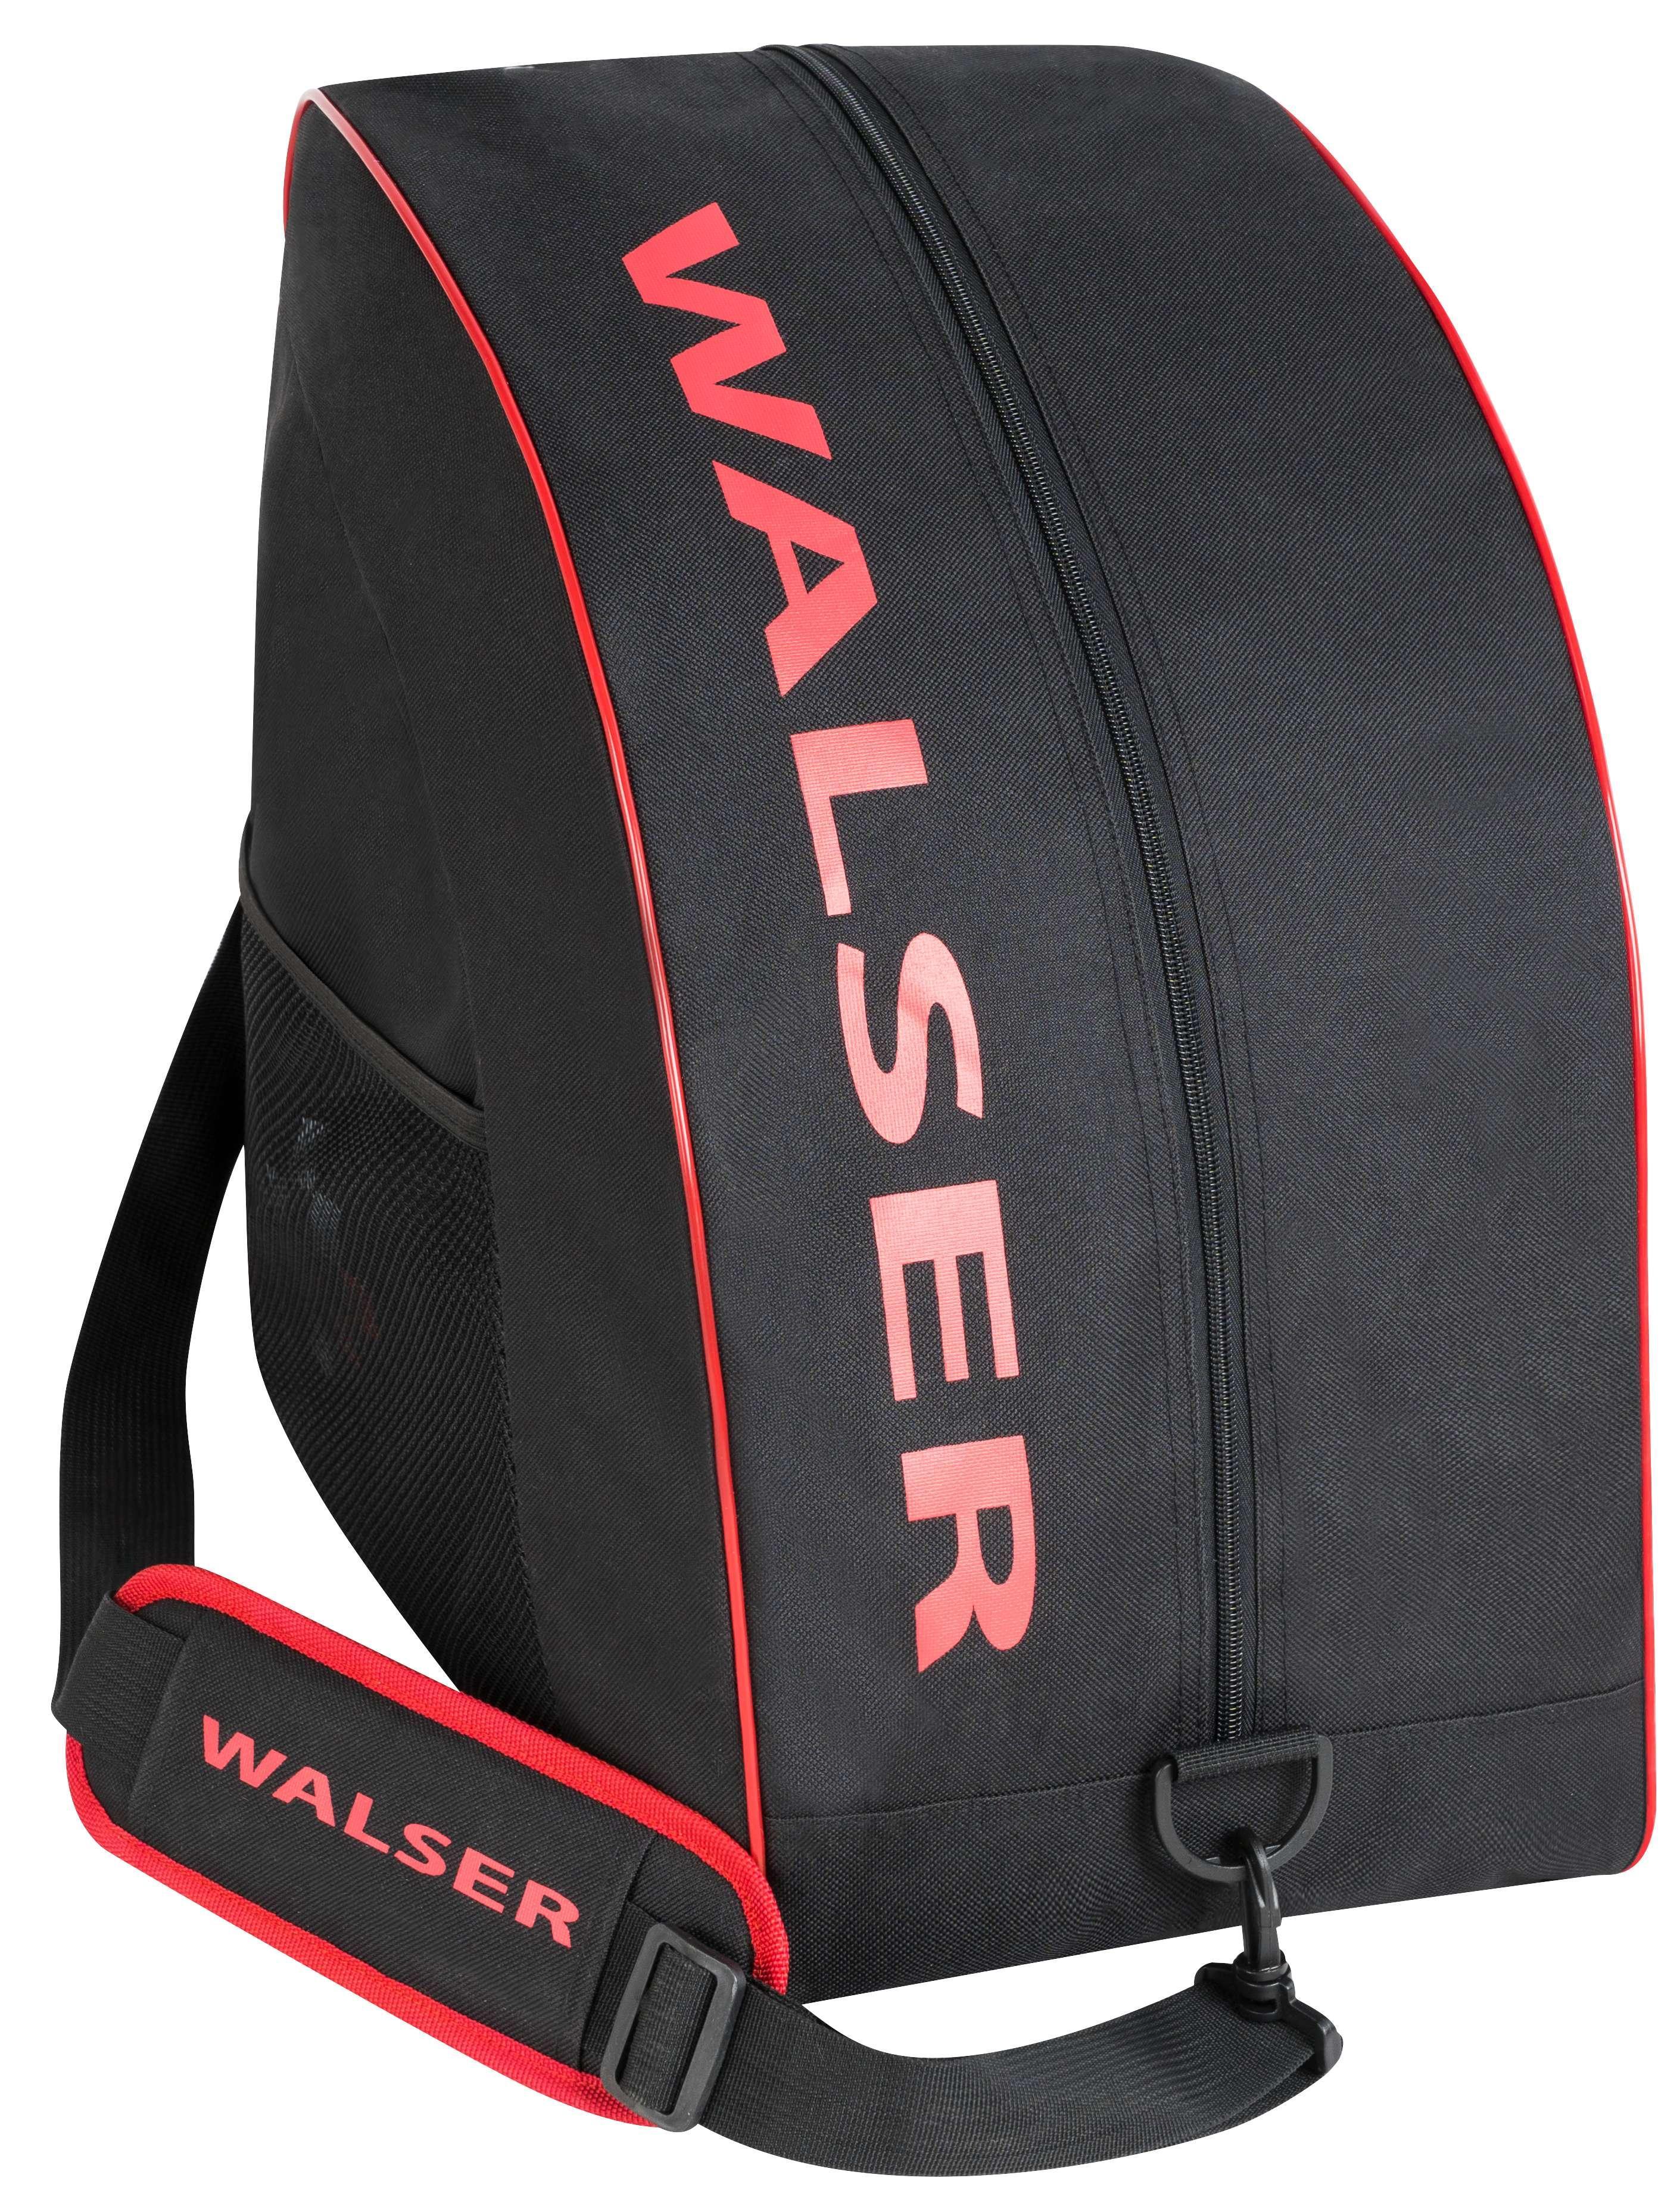 Ski bag 30550 WALSER 30550 original quality